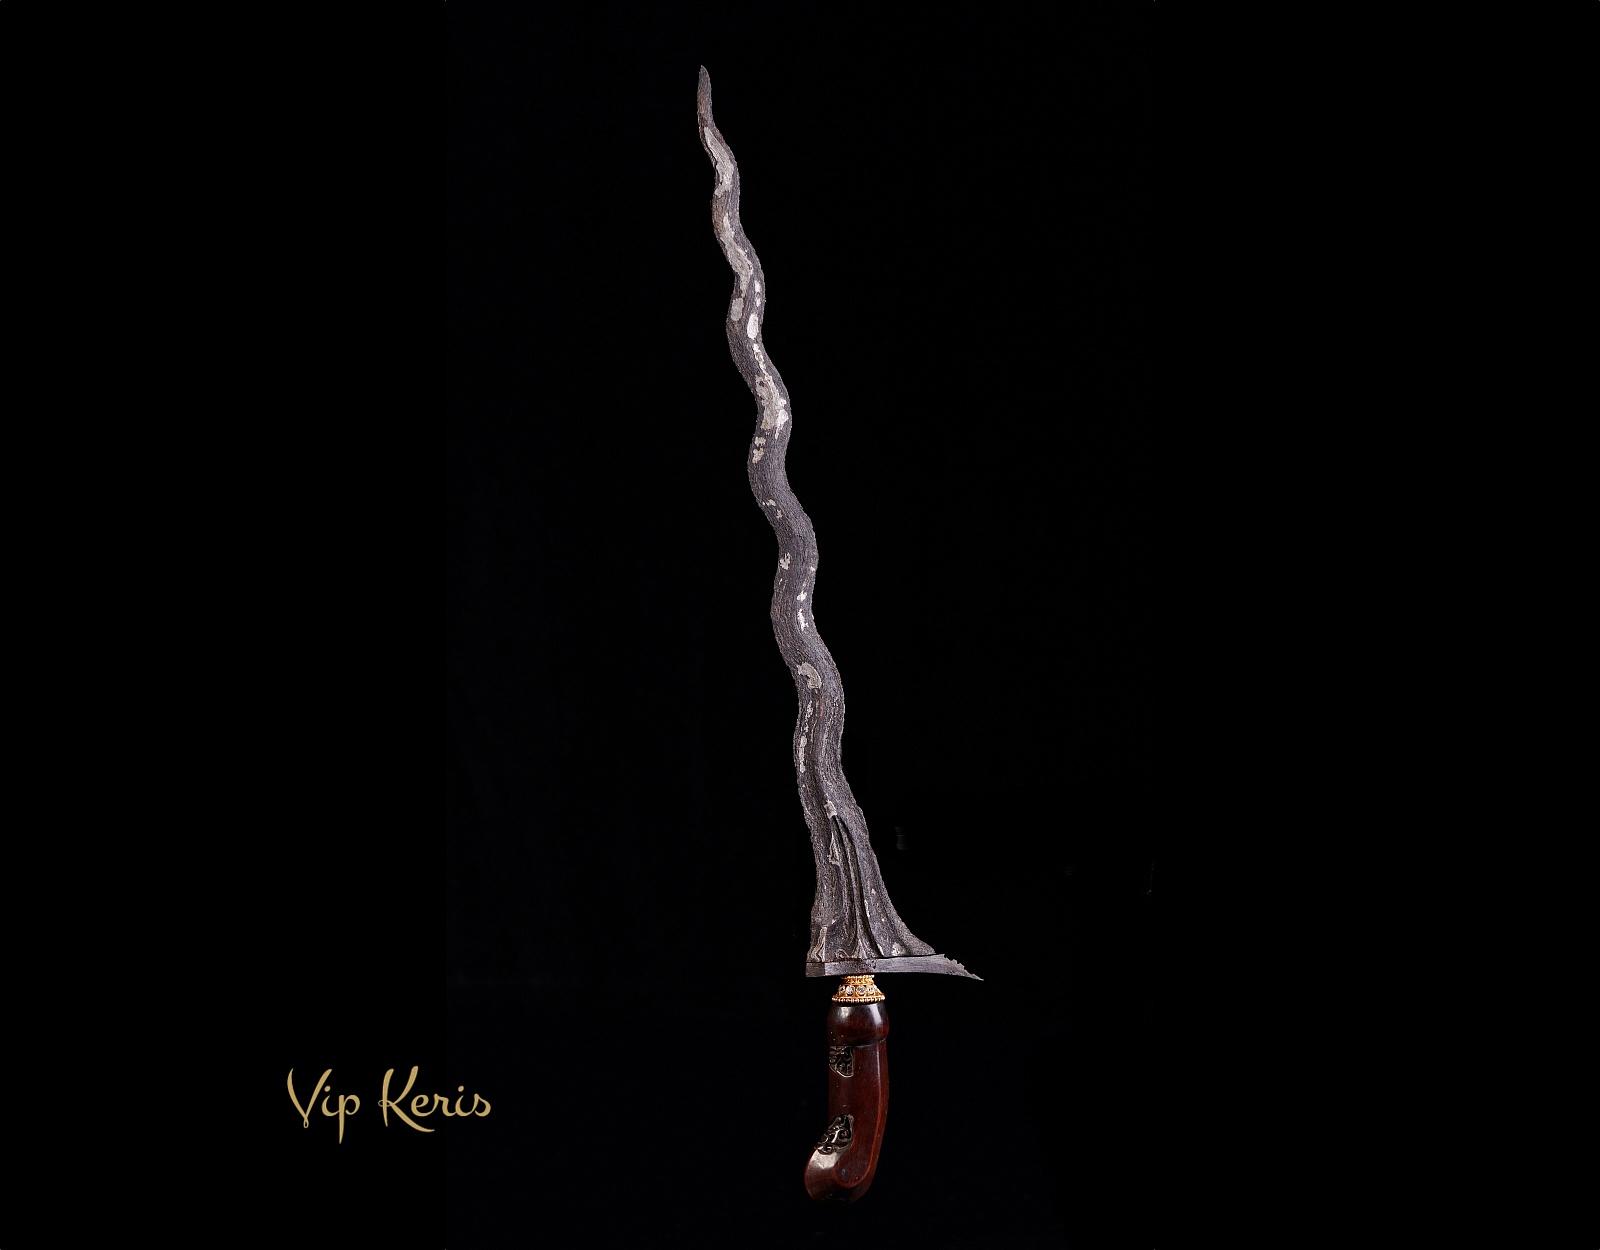 Ритуальный кинжал Крис Johan mangan, целитель фото VipKeris